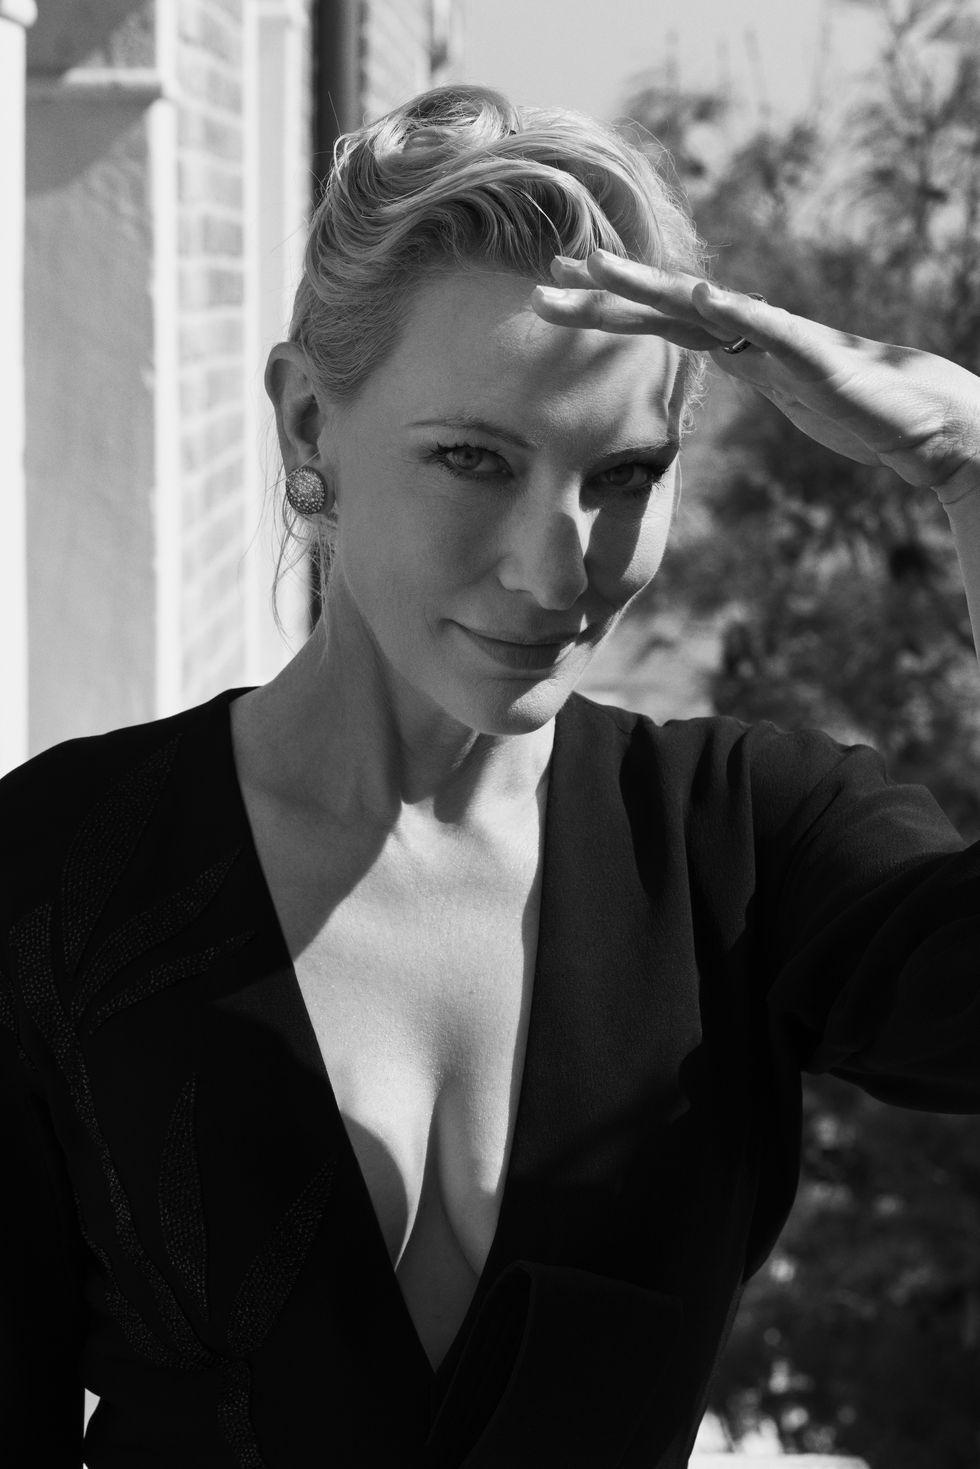 Tutto il fascino incredibile di Cate Blanchett in abito Armani è racchiuso in queste foto d'autore